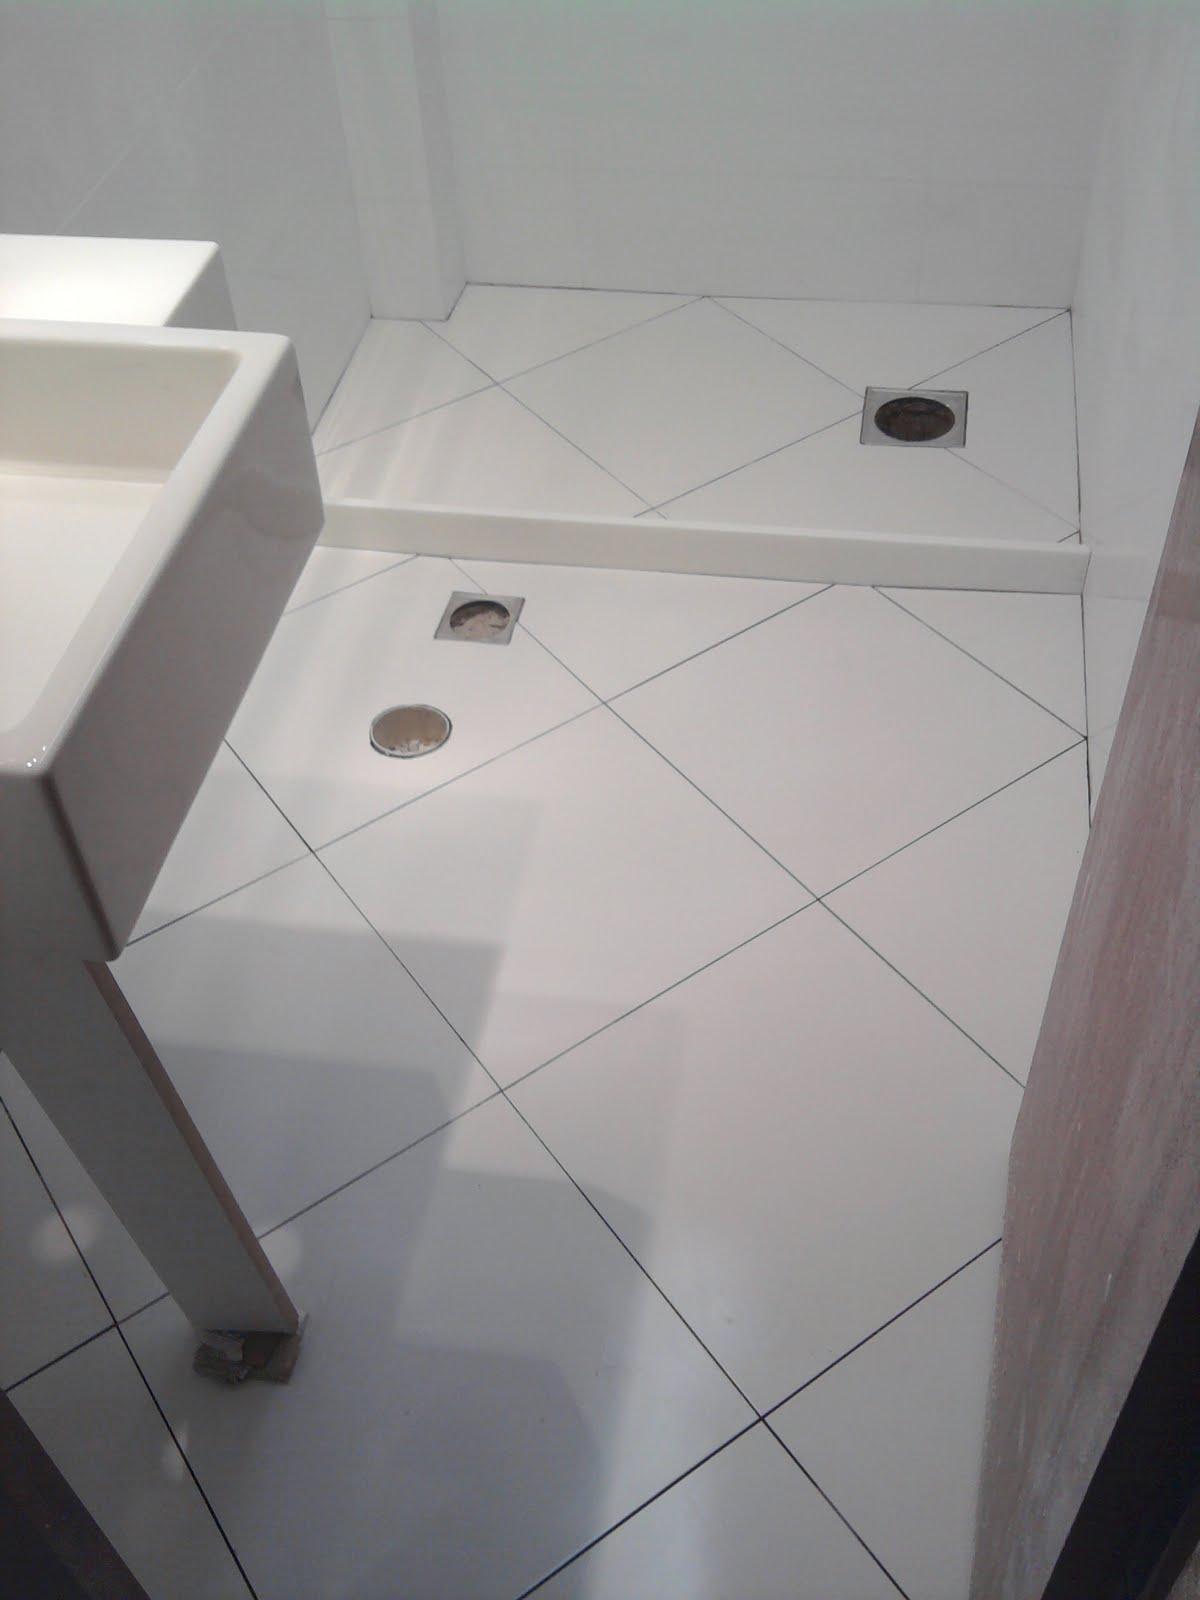 Pisos para Banheiro Simples Cerâmica e Modelos Construdeia #6C675F 1200x1600 Azulejo Banheiro Simples